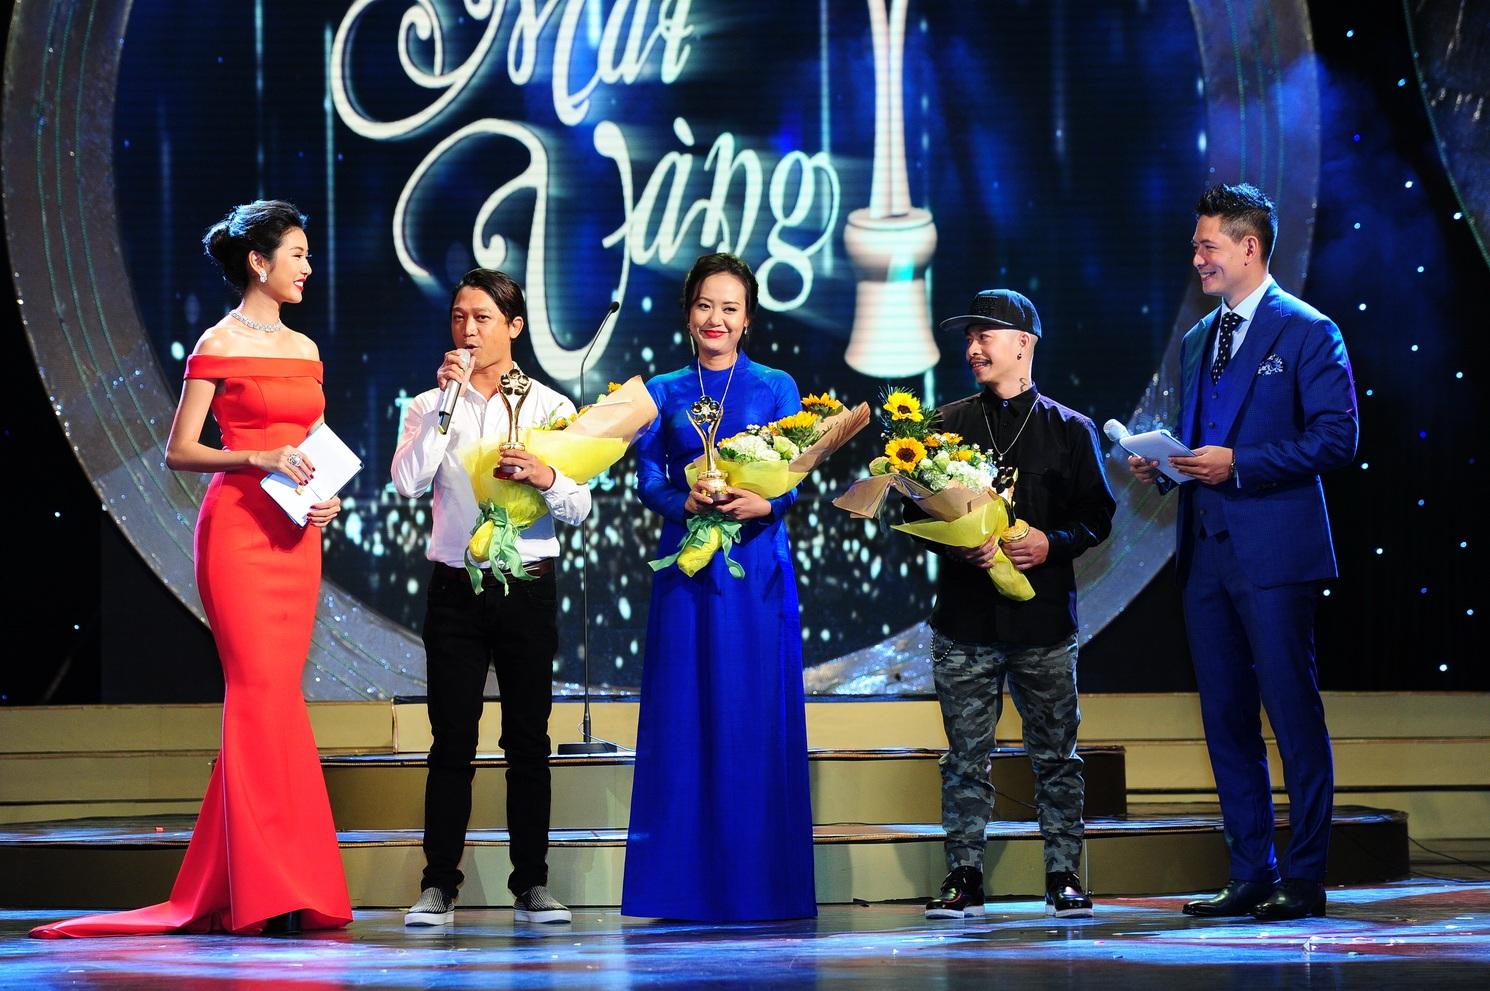 Trước đó, có 3 hạng mục giải thưởng đã được công bố trước lên nhận giải đầu tiên: Vở Nửa đời hương phấn của sân khấu kịch Hoàng Thái Thanh, đạo diễn Ái Như được Hồng Ánh lên đại diện nhận giải; chương trình Ơn giời cậu đây rồi và bộ phim Yêu của đạo diễn Việt Max.